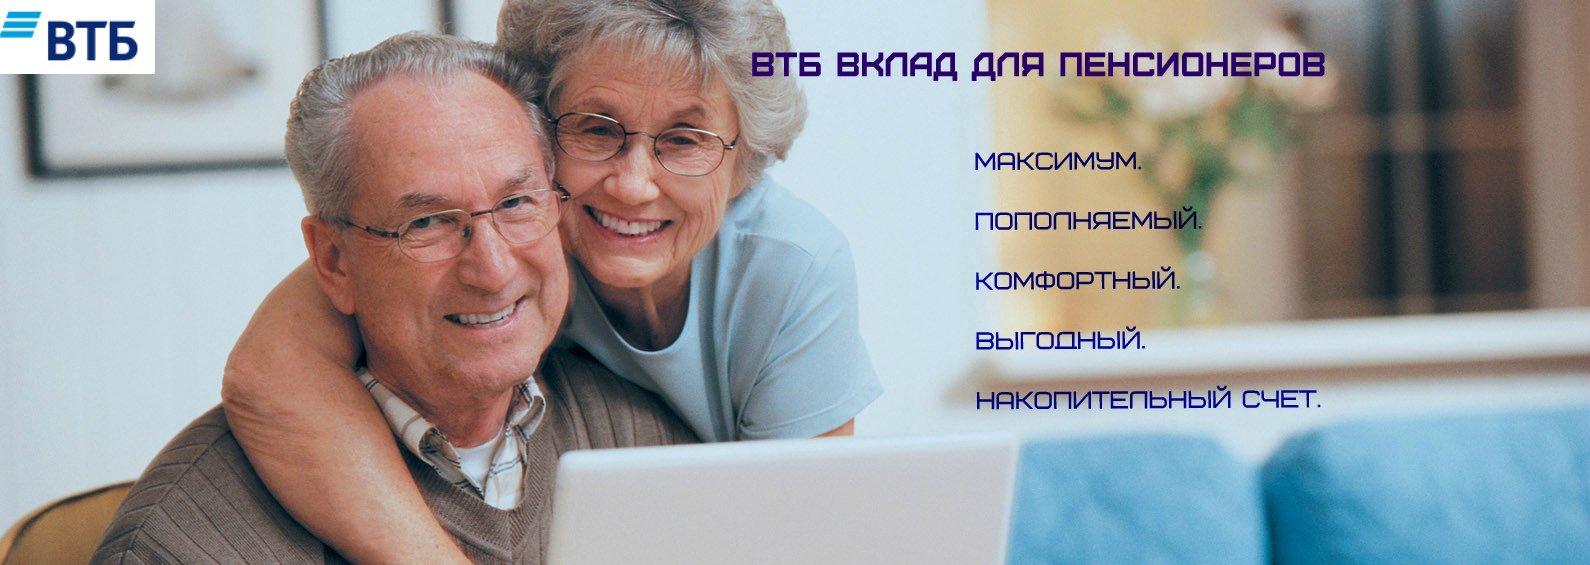 ВТБ вклад для пенсионеров